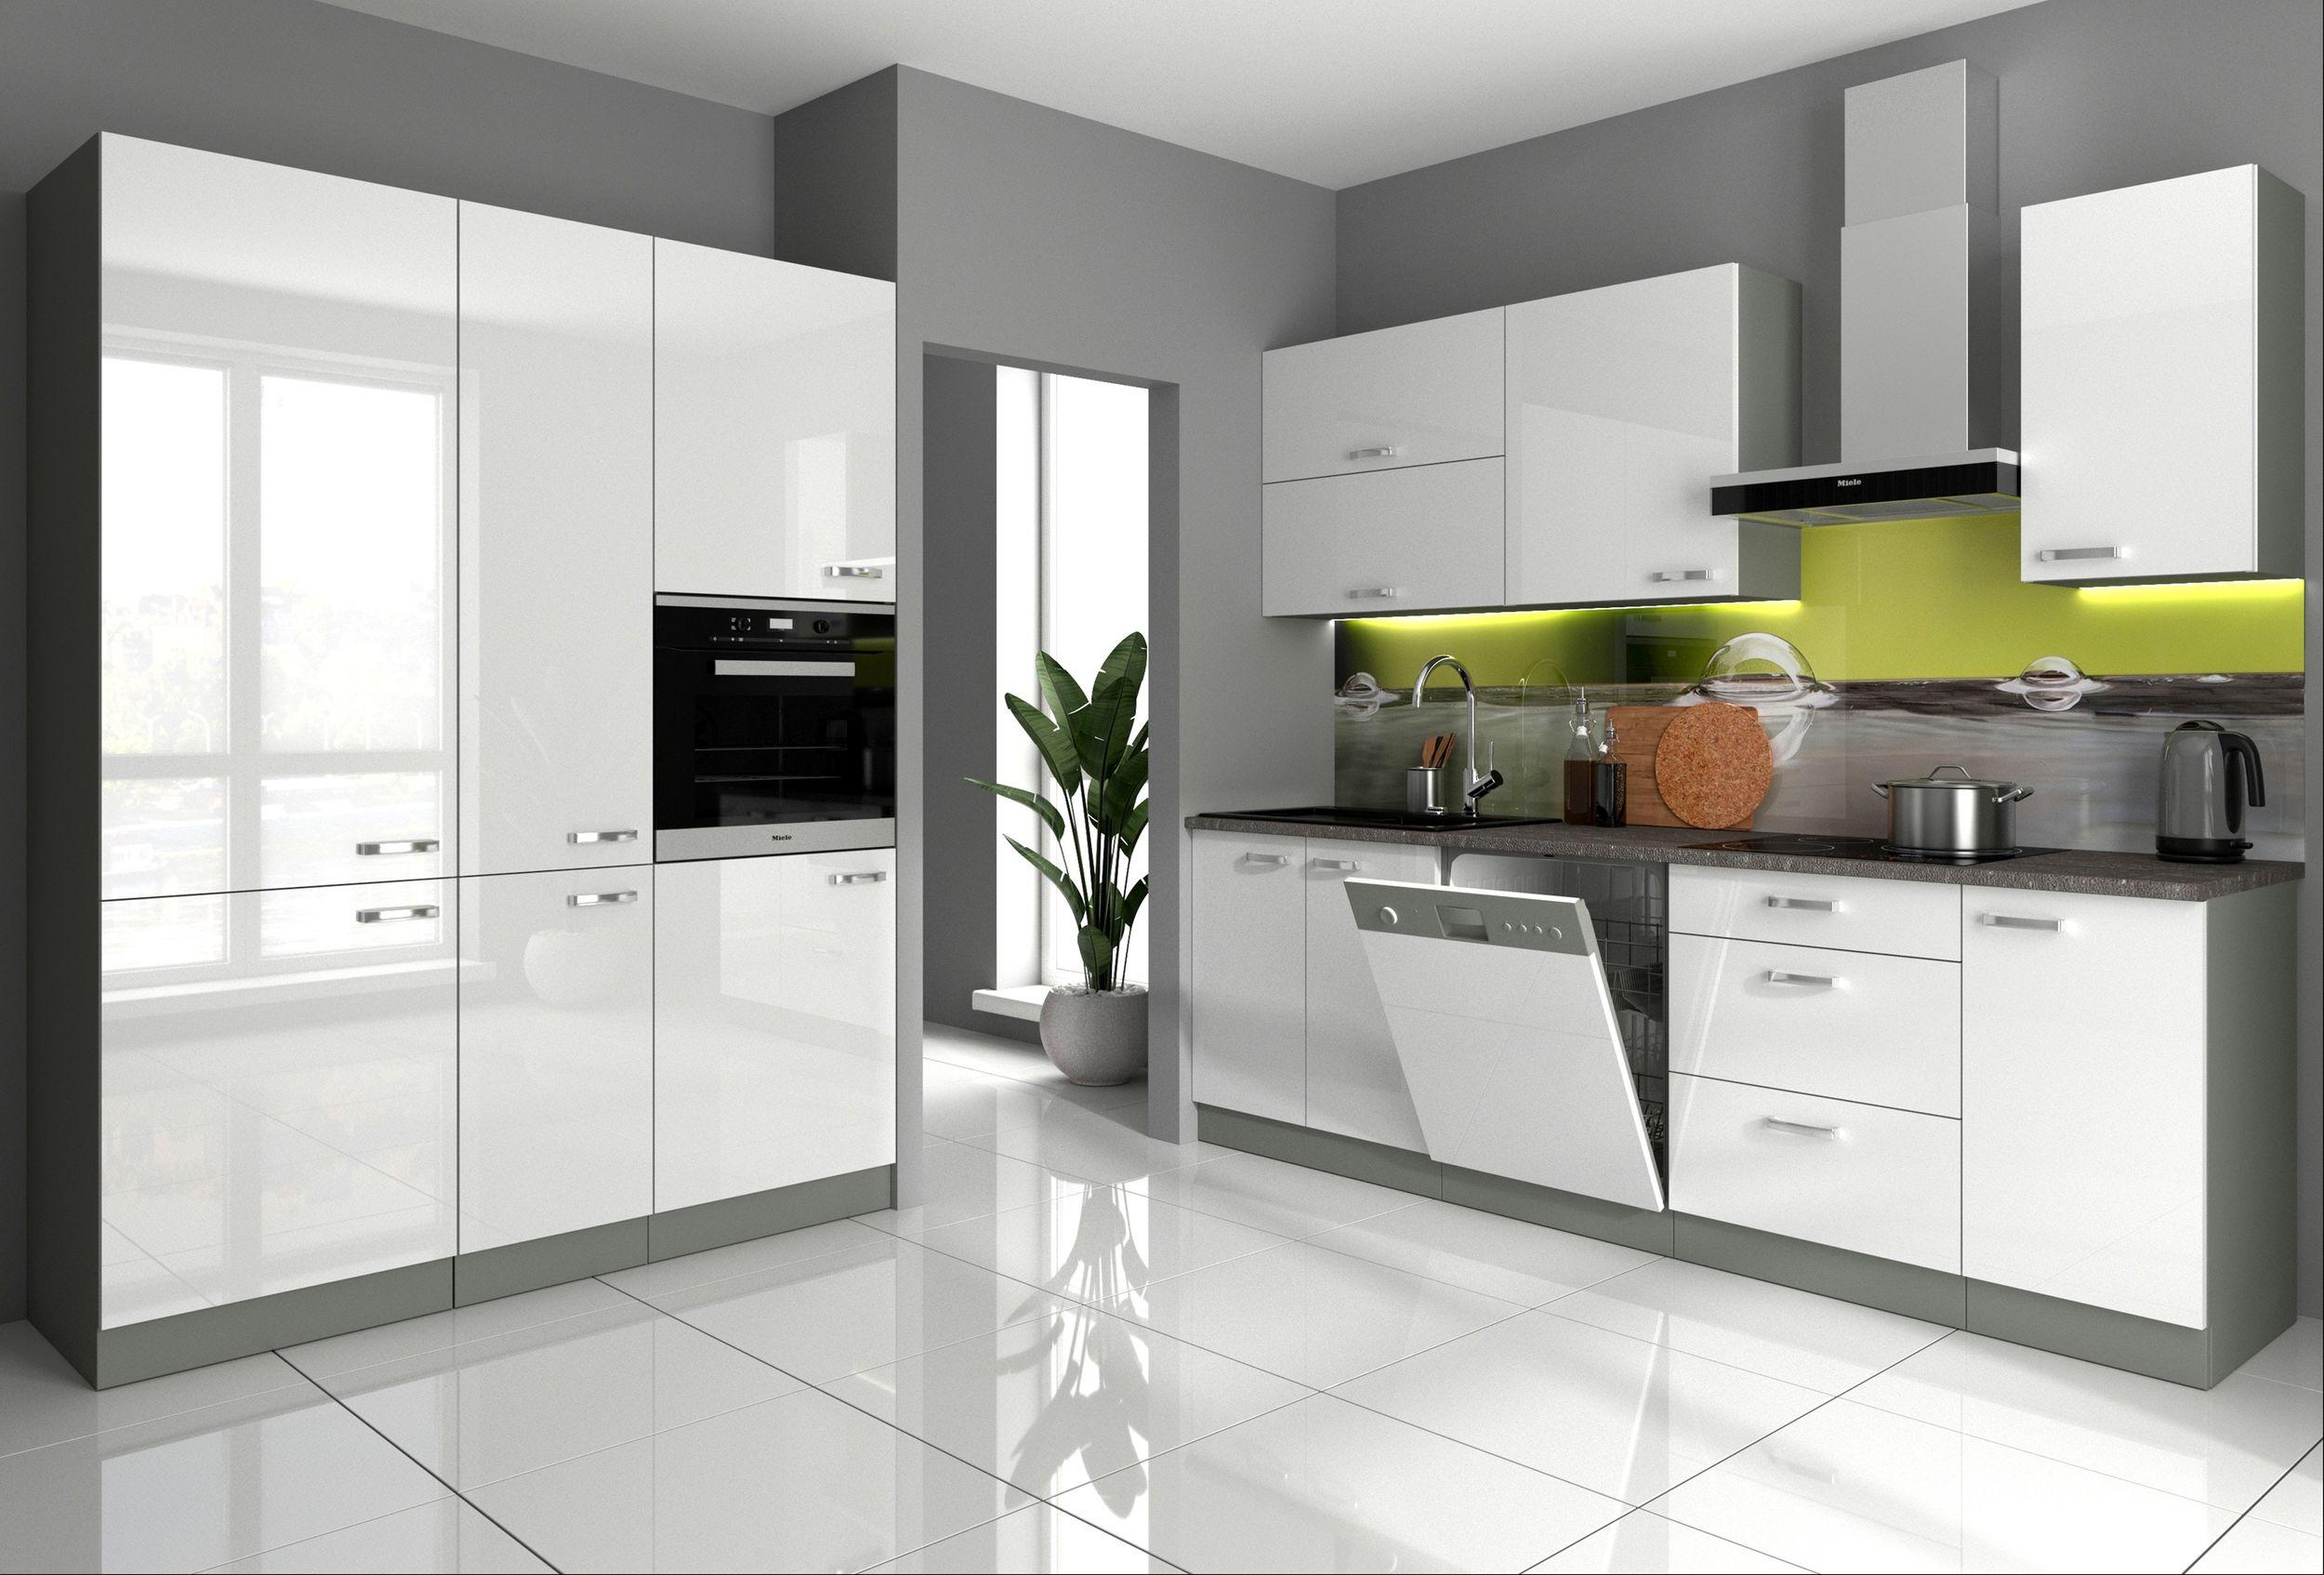 Full Size of Einbauküche Günstig Mit Elektrogeräten Einbauküche Günstig Abzugeben Gebrauchte Einbauküche Günstig Kaufen Einbauküche Günstig Roller Küche Einbauküche Günstig